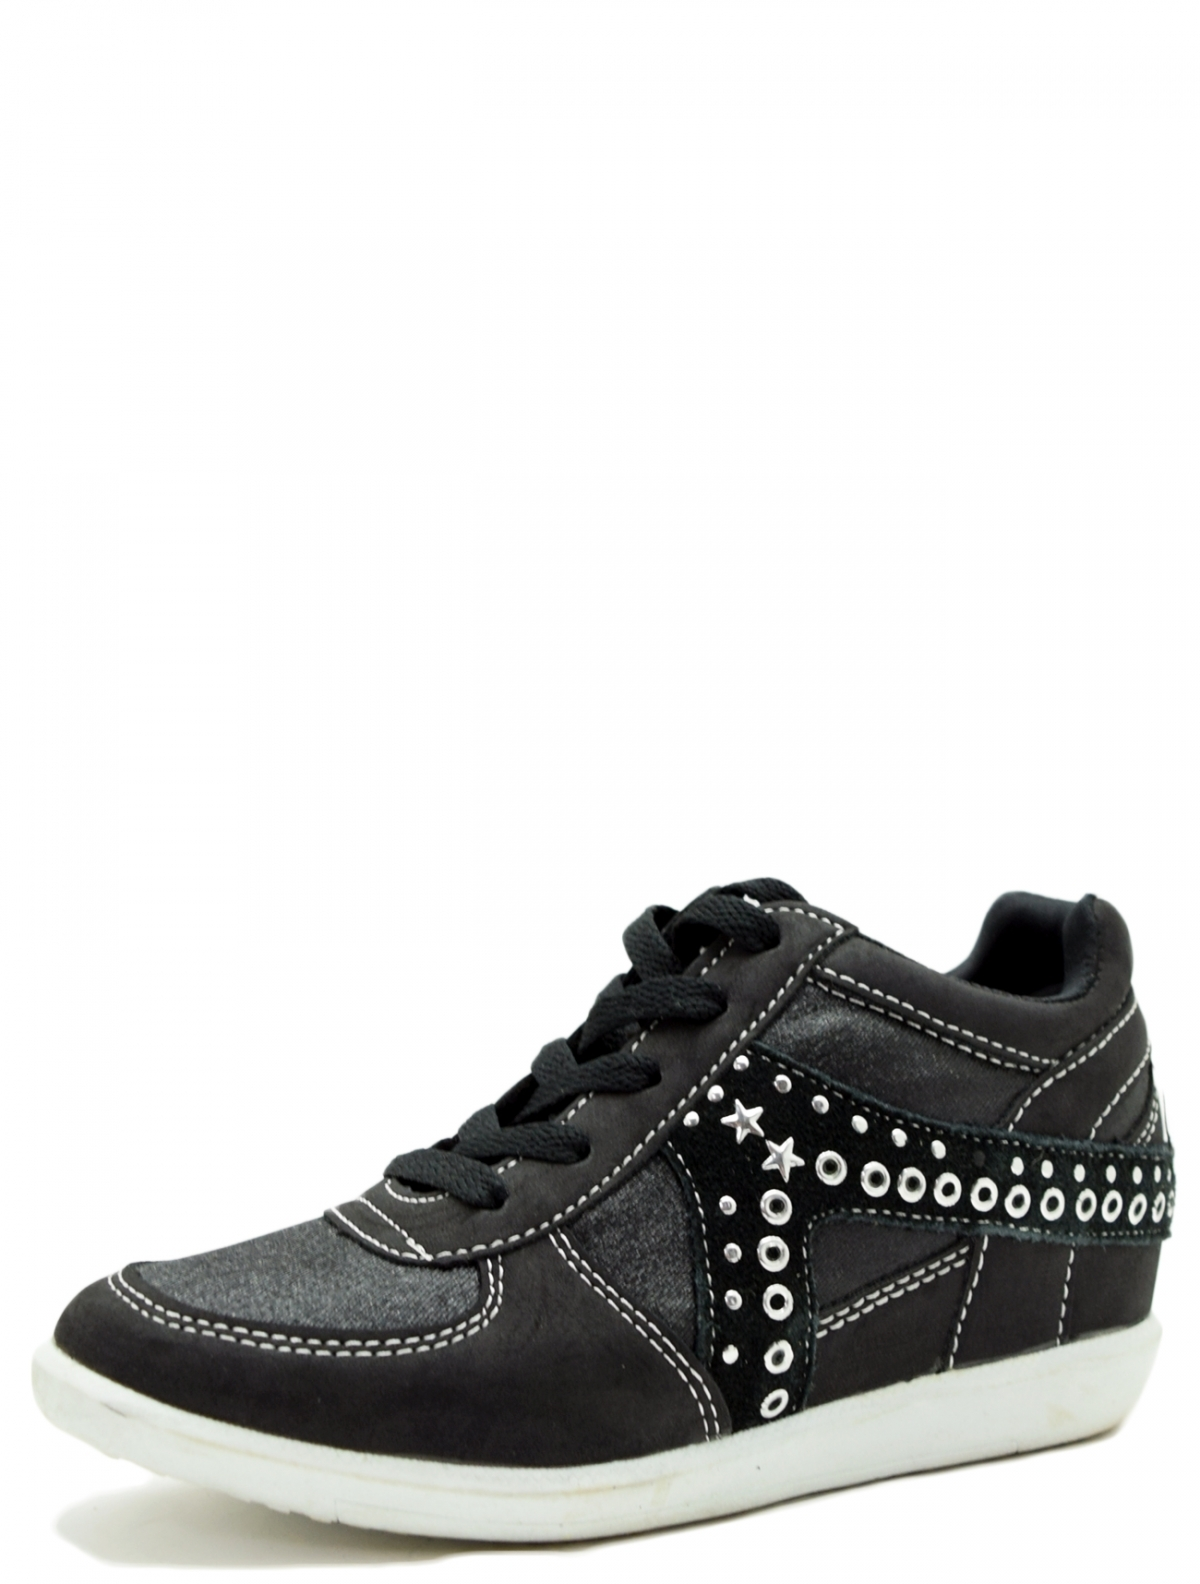 18772/201-01 ботинки для девочки